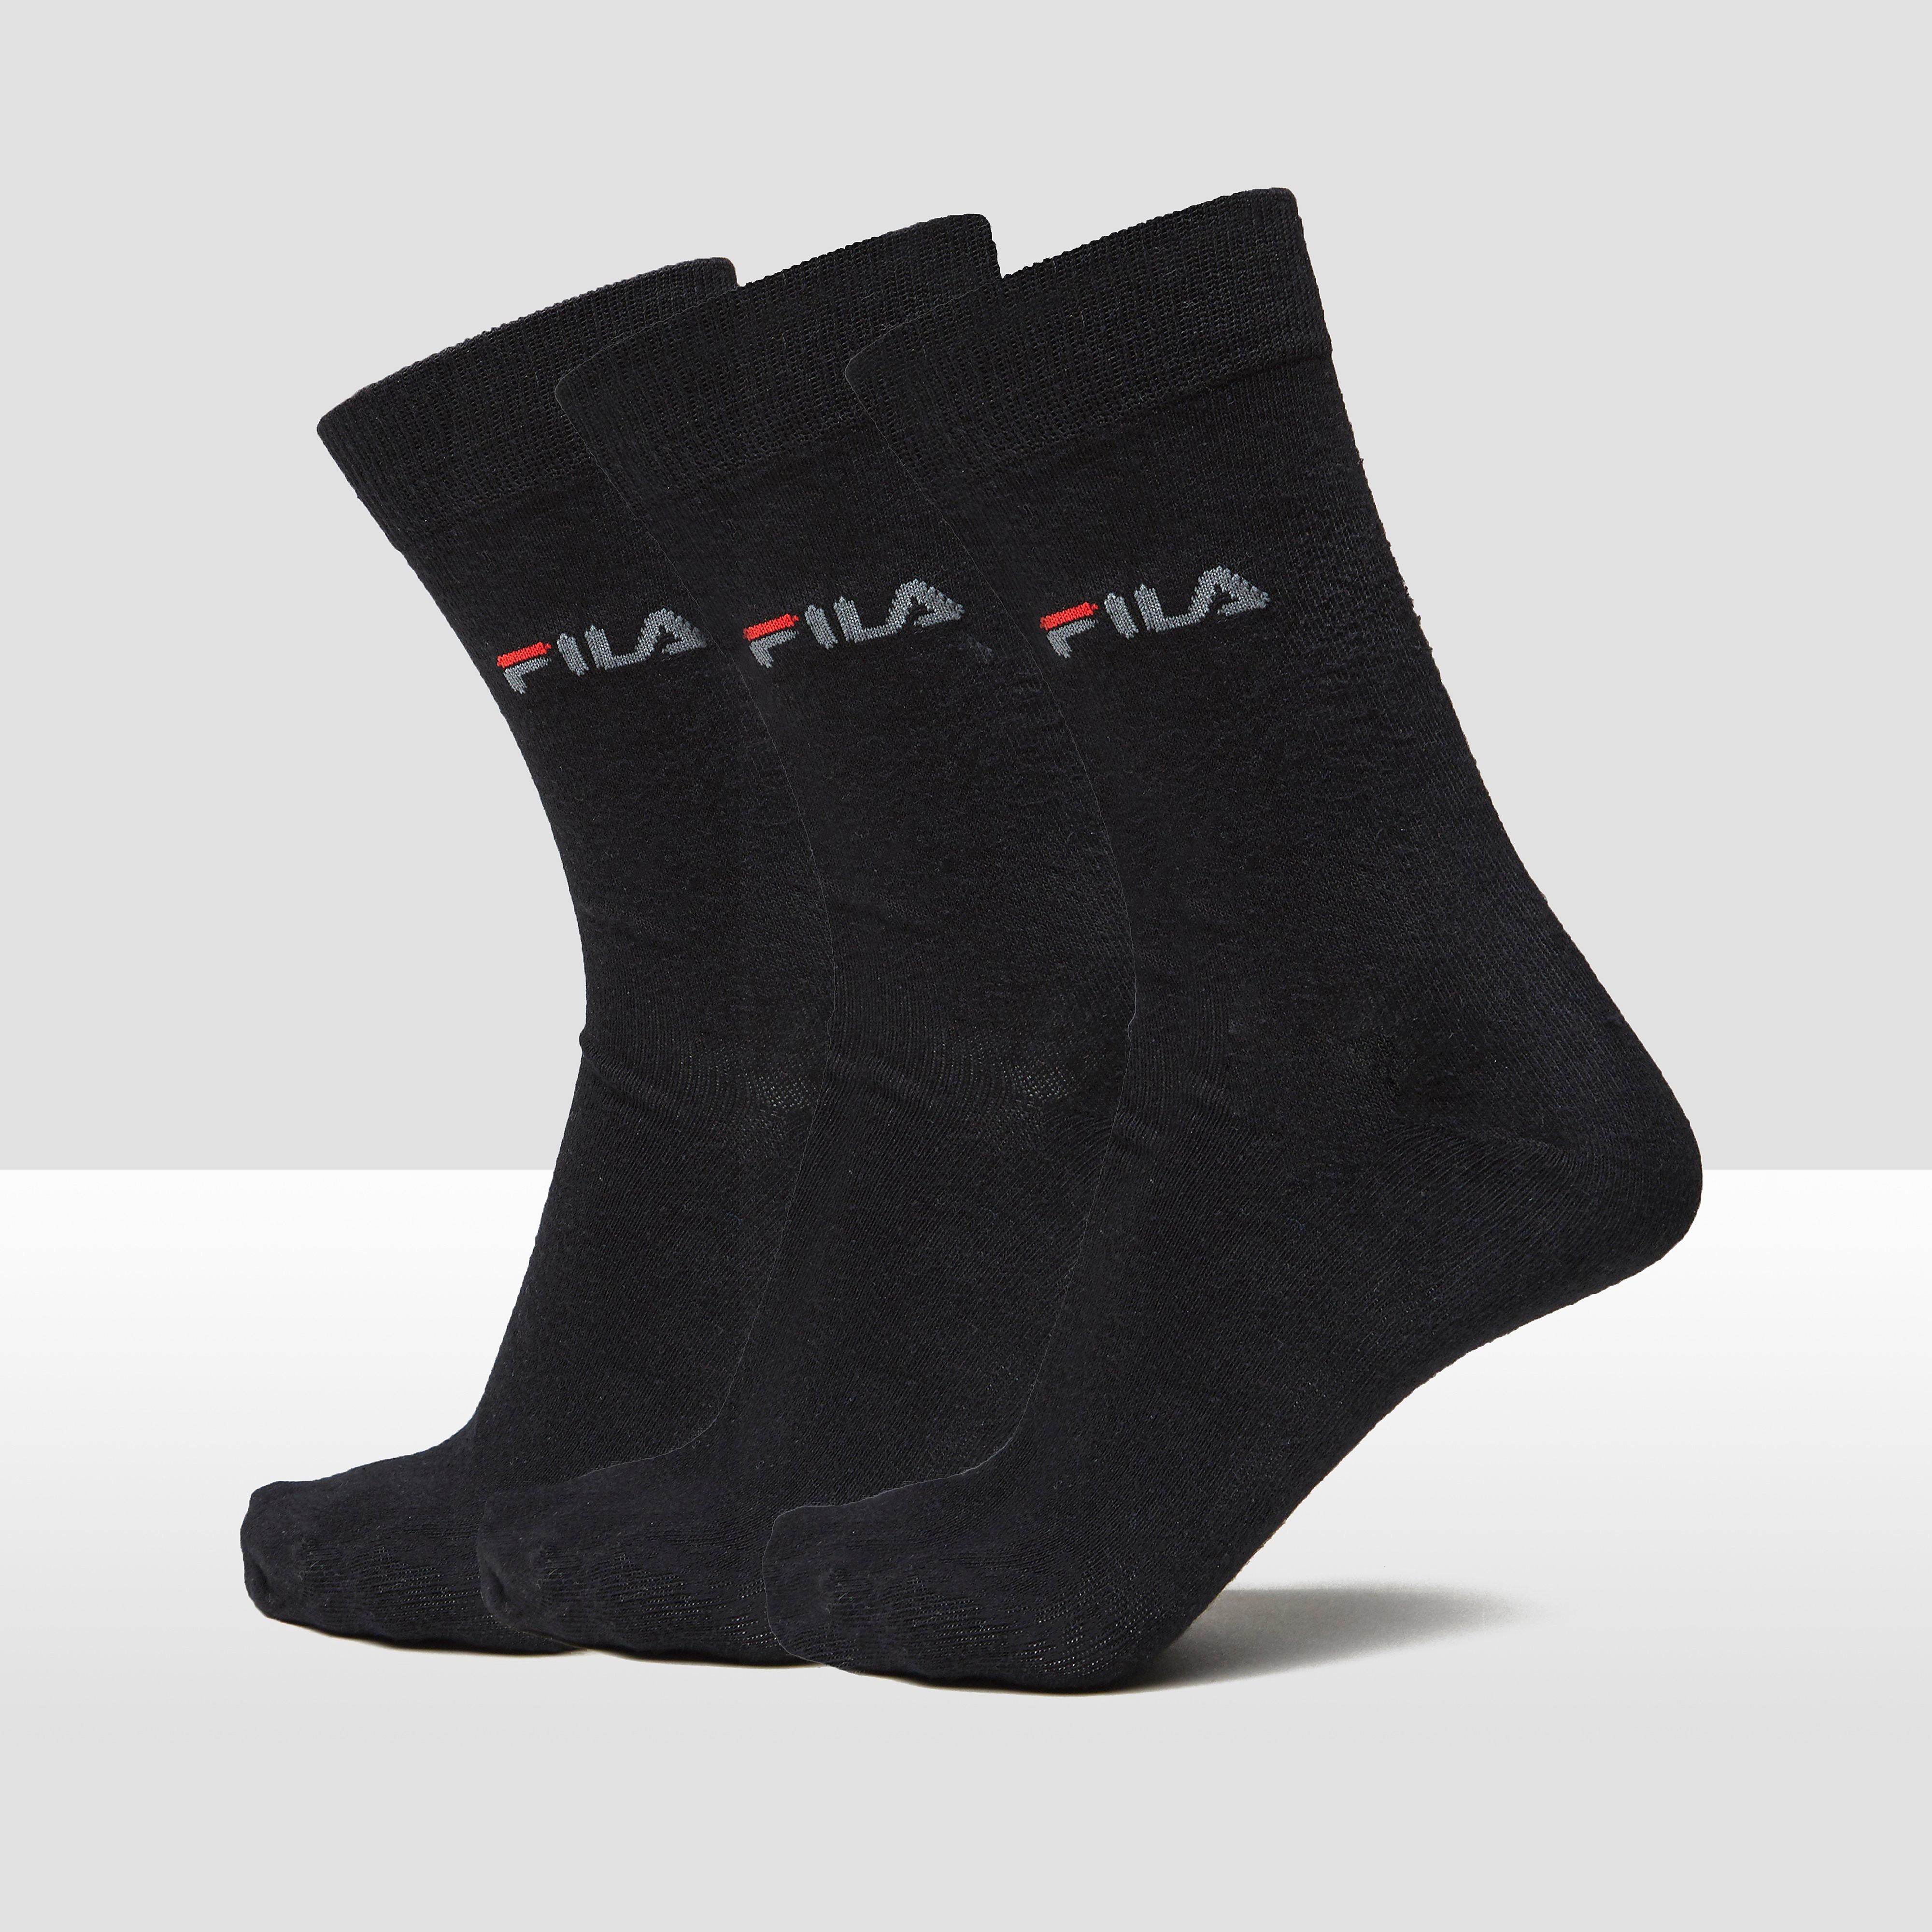 FILA DRESSED SOKKEN 3-PACK ZWART UNISEX